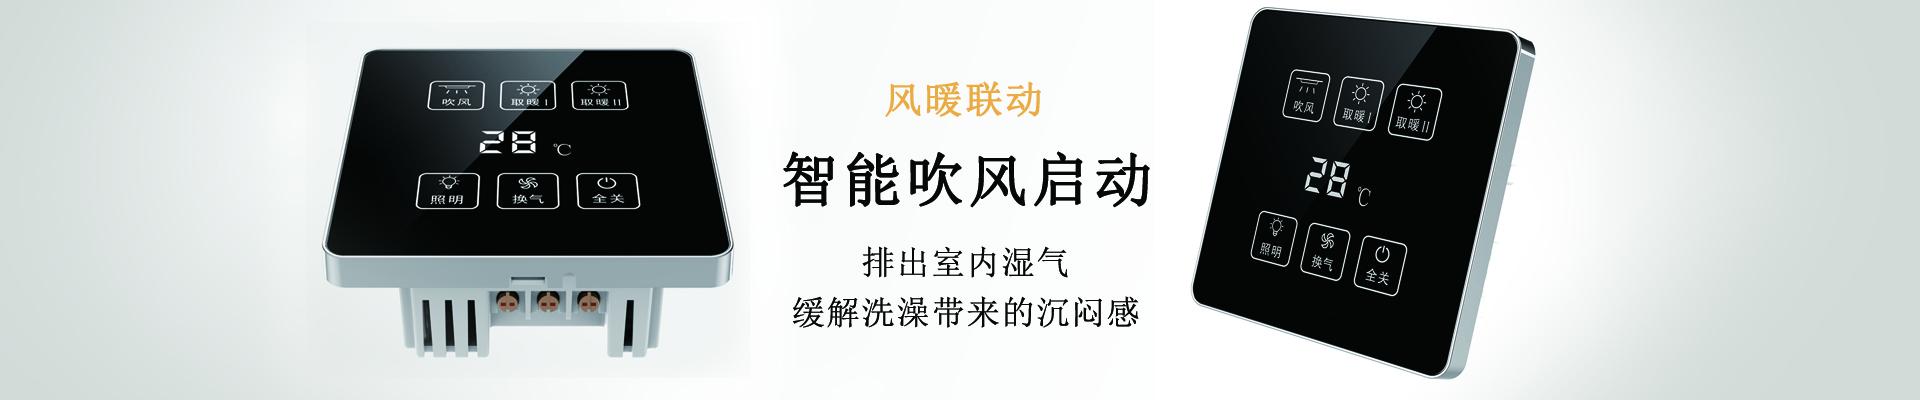 深圳市富利豪科技有限公司